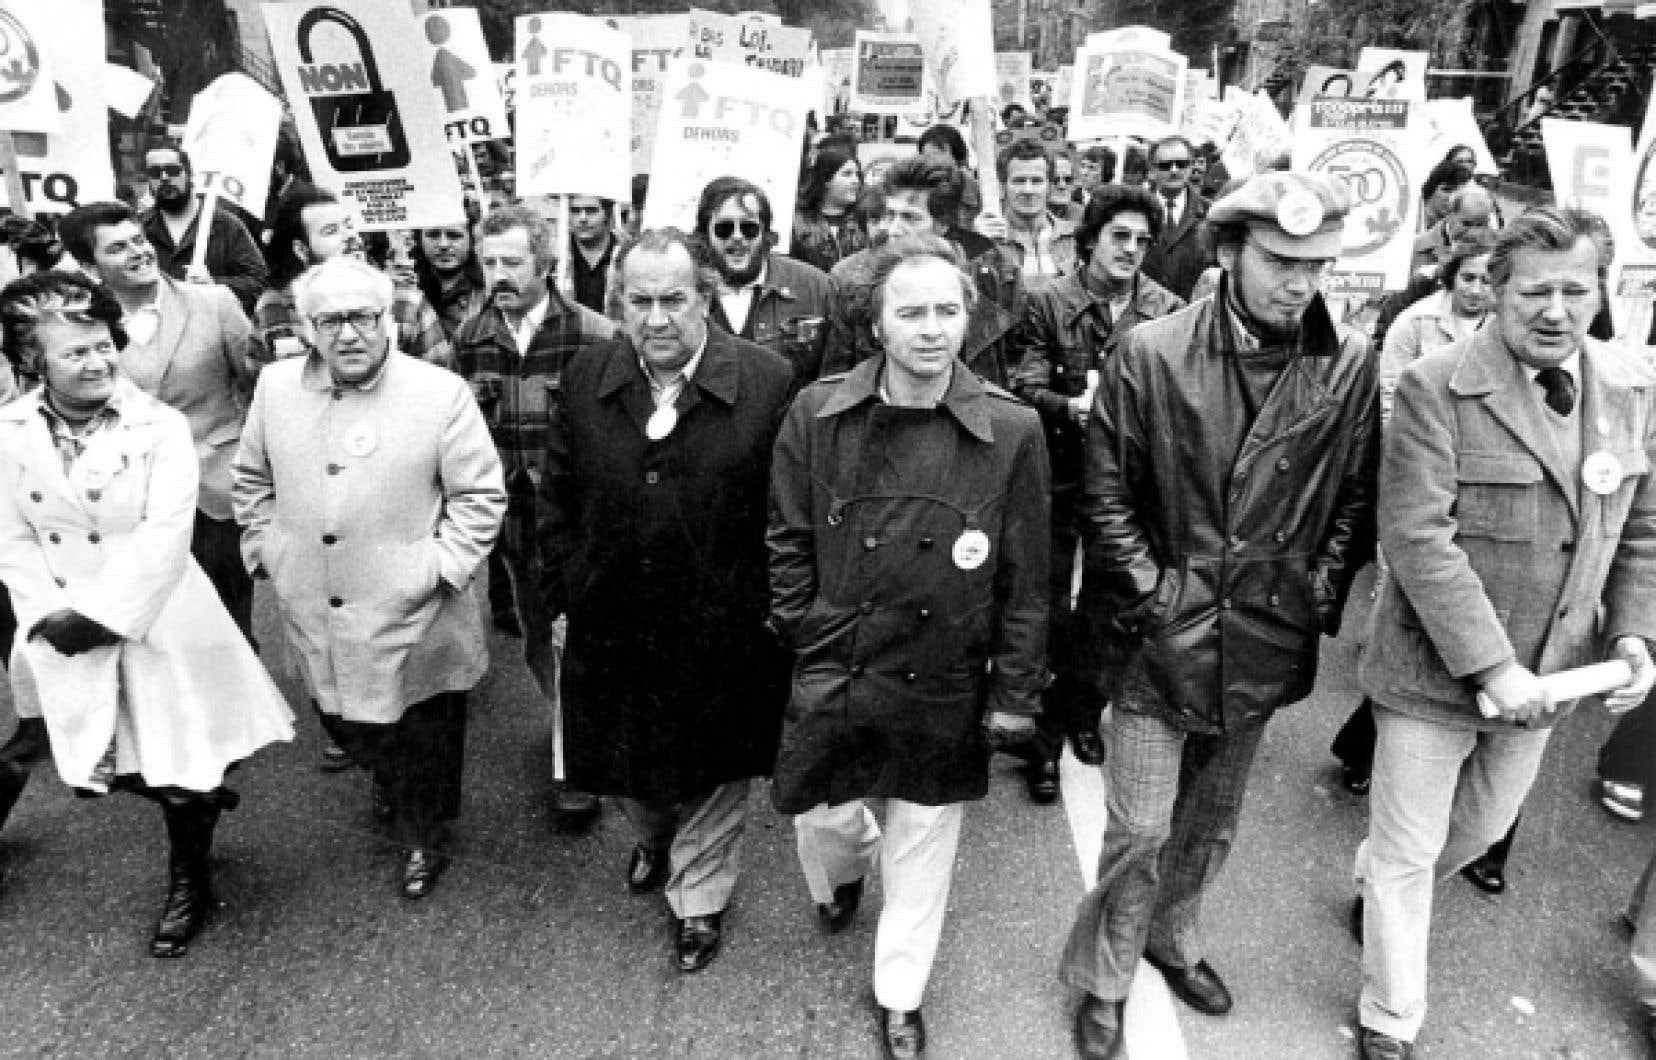 Des chefs défilent pour s'opposer aux mesures anti-inflationnistes à Montréal, le 14 octobre 1976.<br />